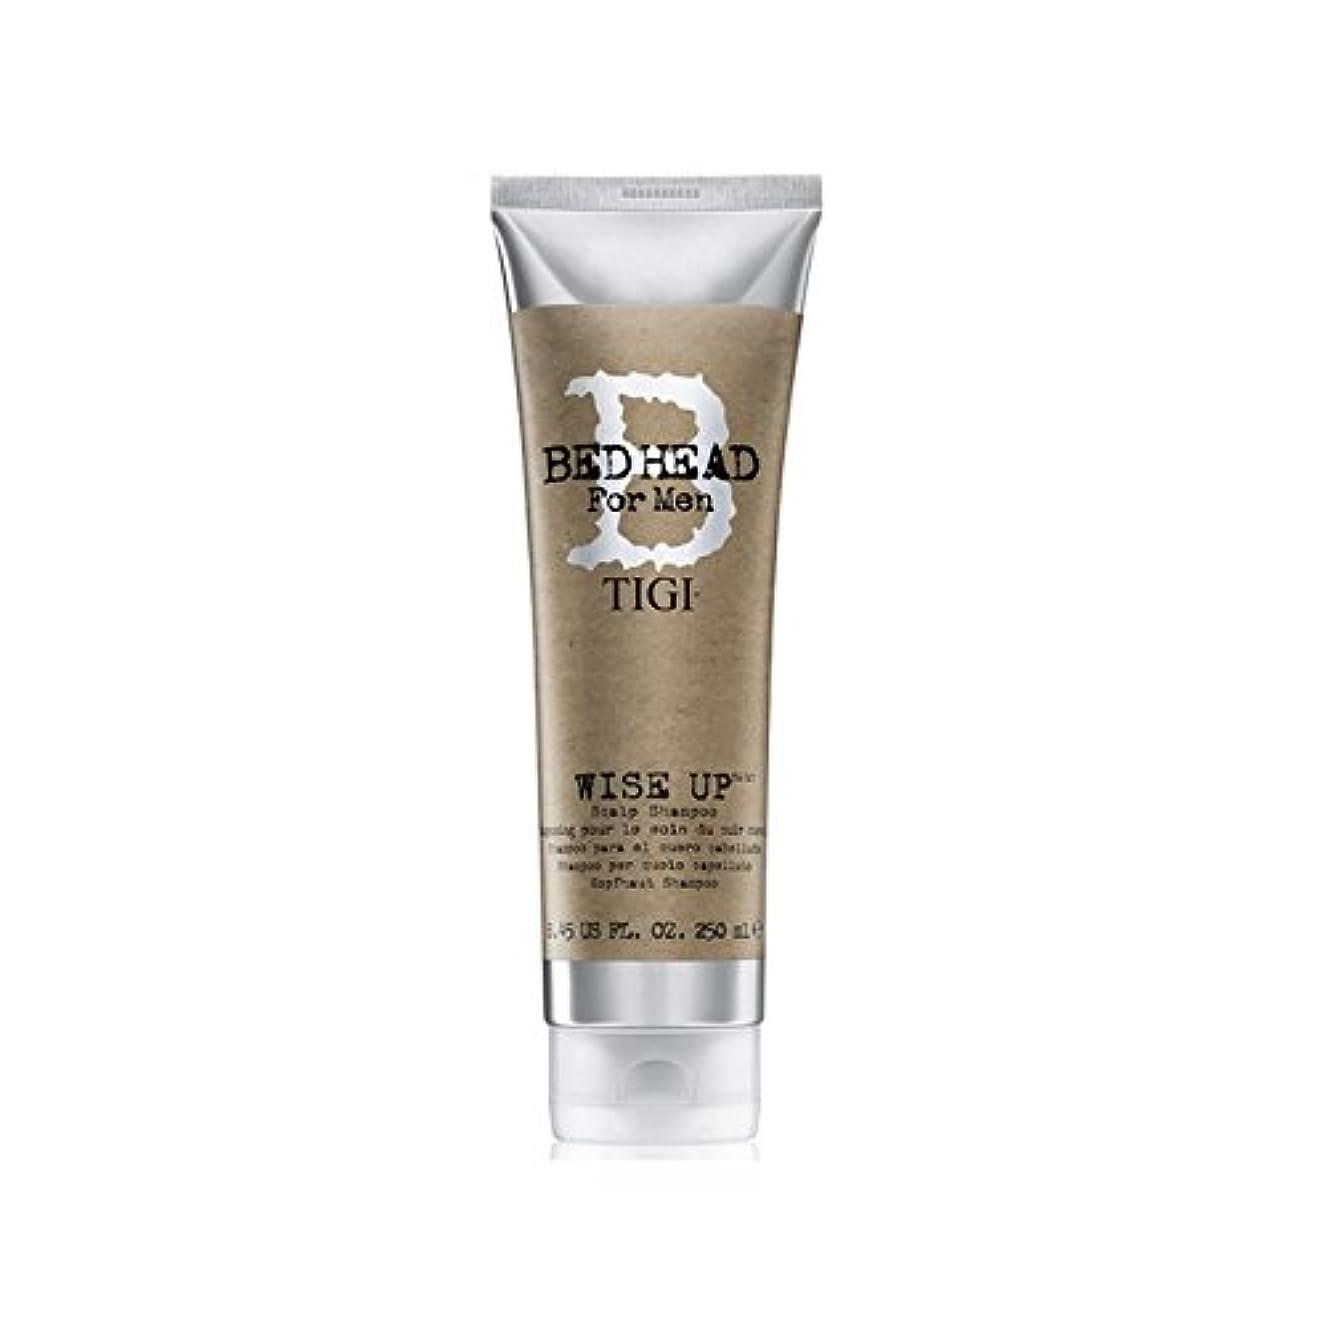 わがままく剥離賢明な頭皮シャンプー(250ミリリットル)までの男性のためのティジーベッドヘッド x2 - Tigi Bed Head For Men Wise Up Scalp Shampoo (250ml) (Pack of 2) [並行輸入品]